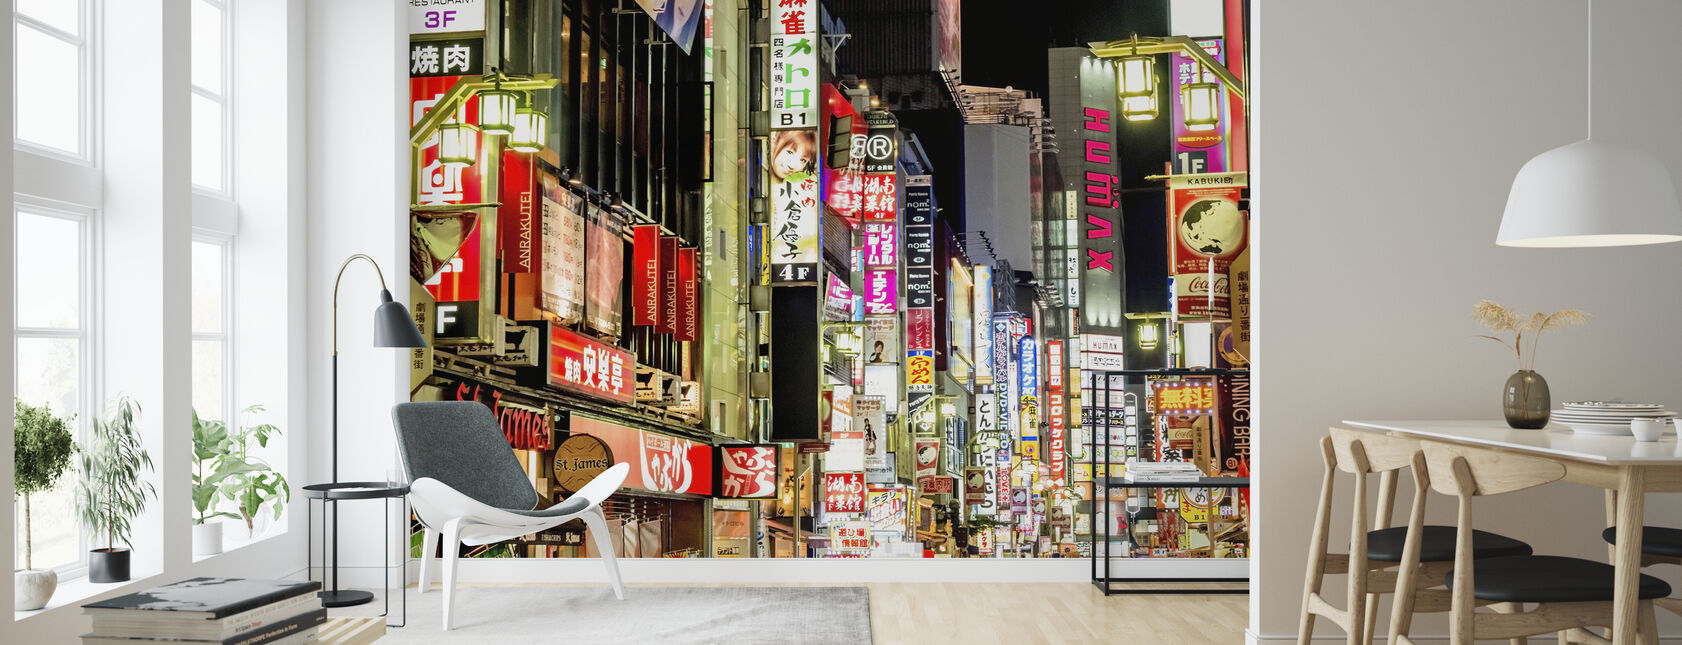 Nightstreet in Tokyo - Wallpaper - Living Room